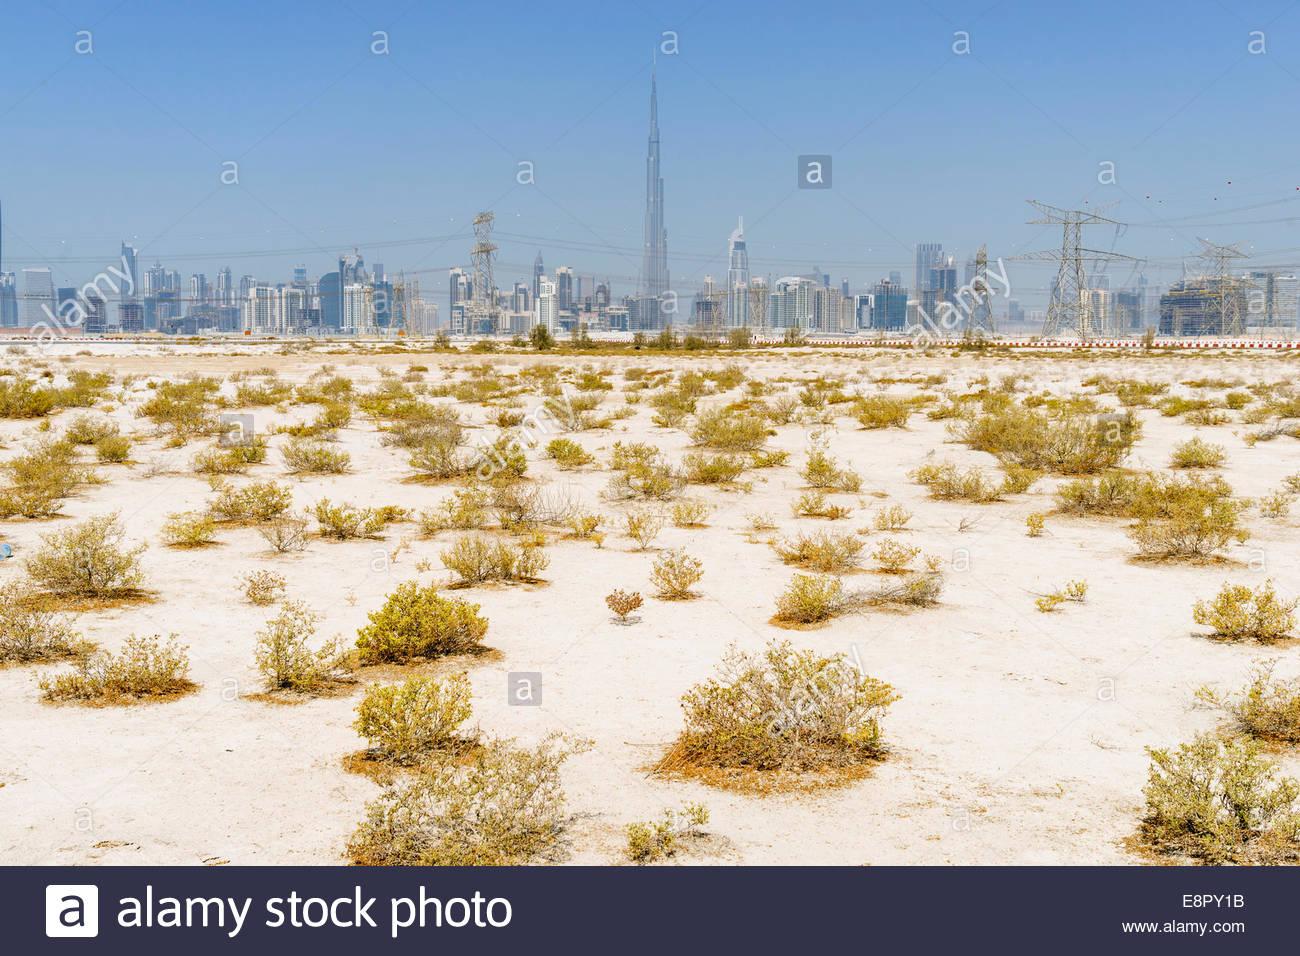 Skyline di grattacieli e Burj Khalifa dal deserto in Dubai Emirati Arabi Uniti Immagini Stock